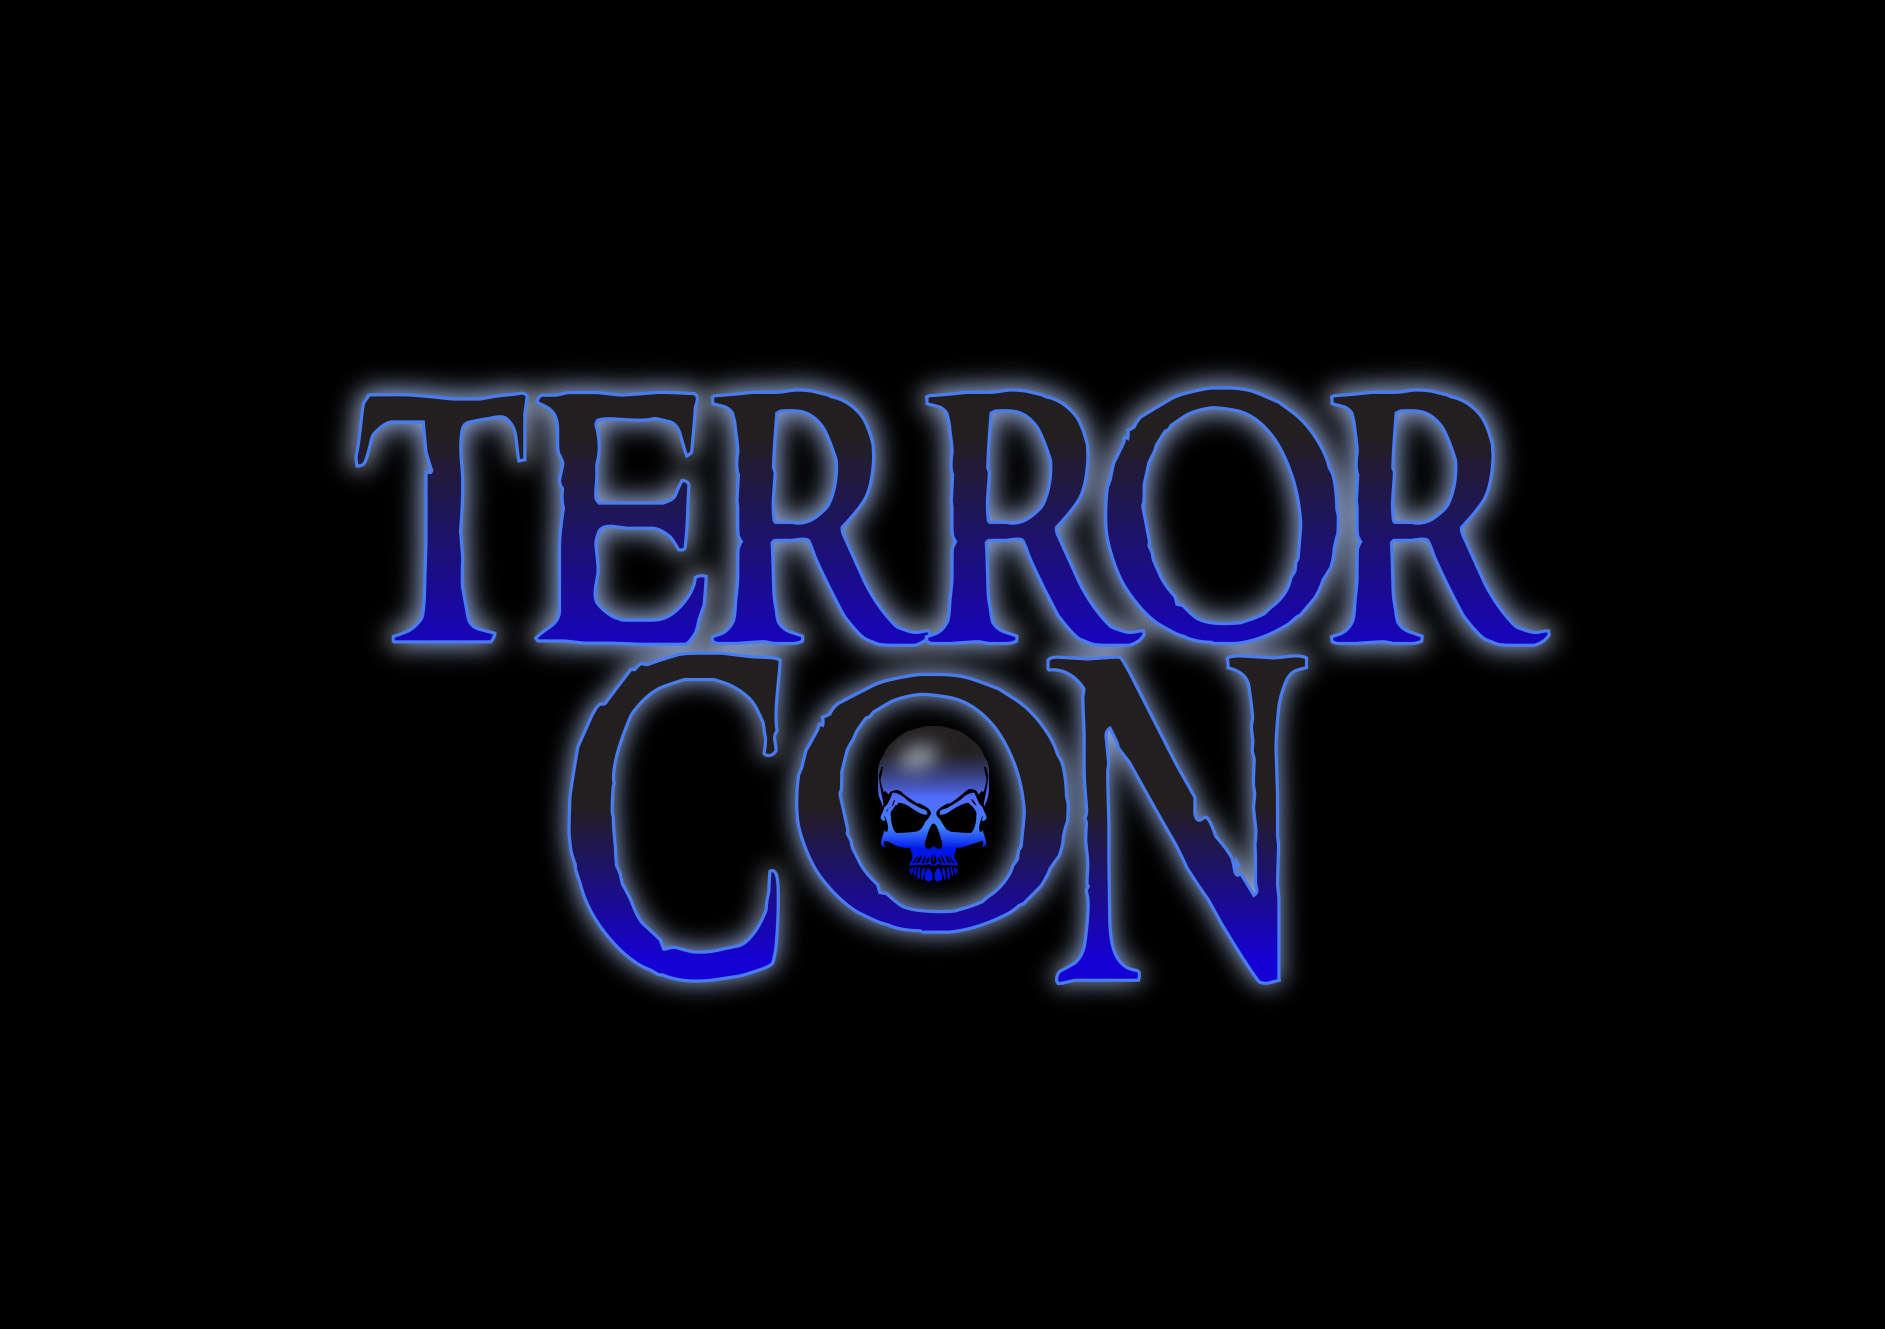 Terror Con